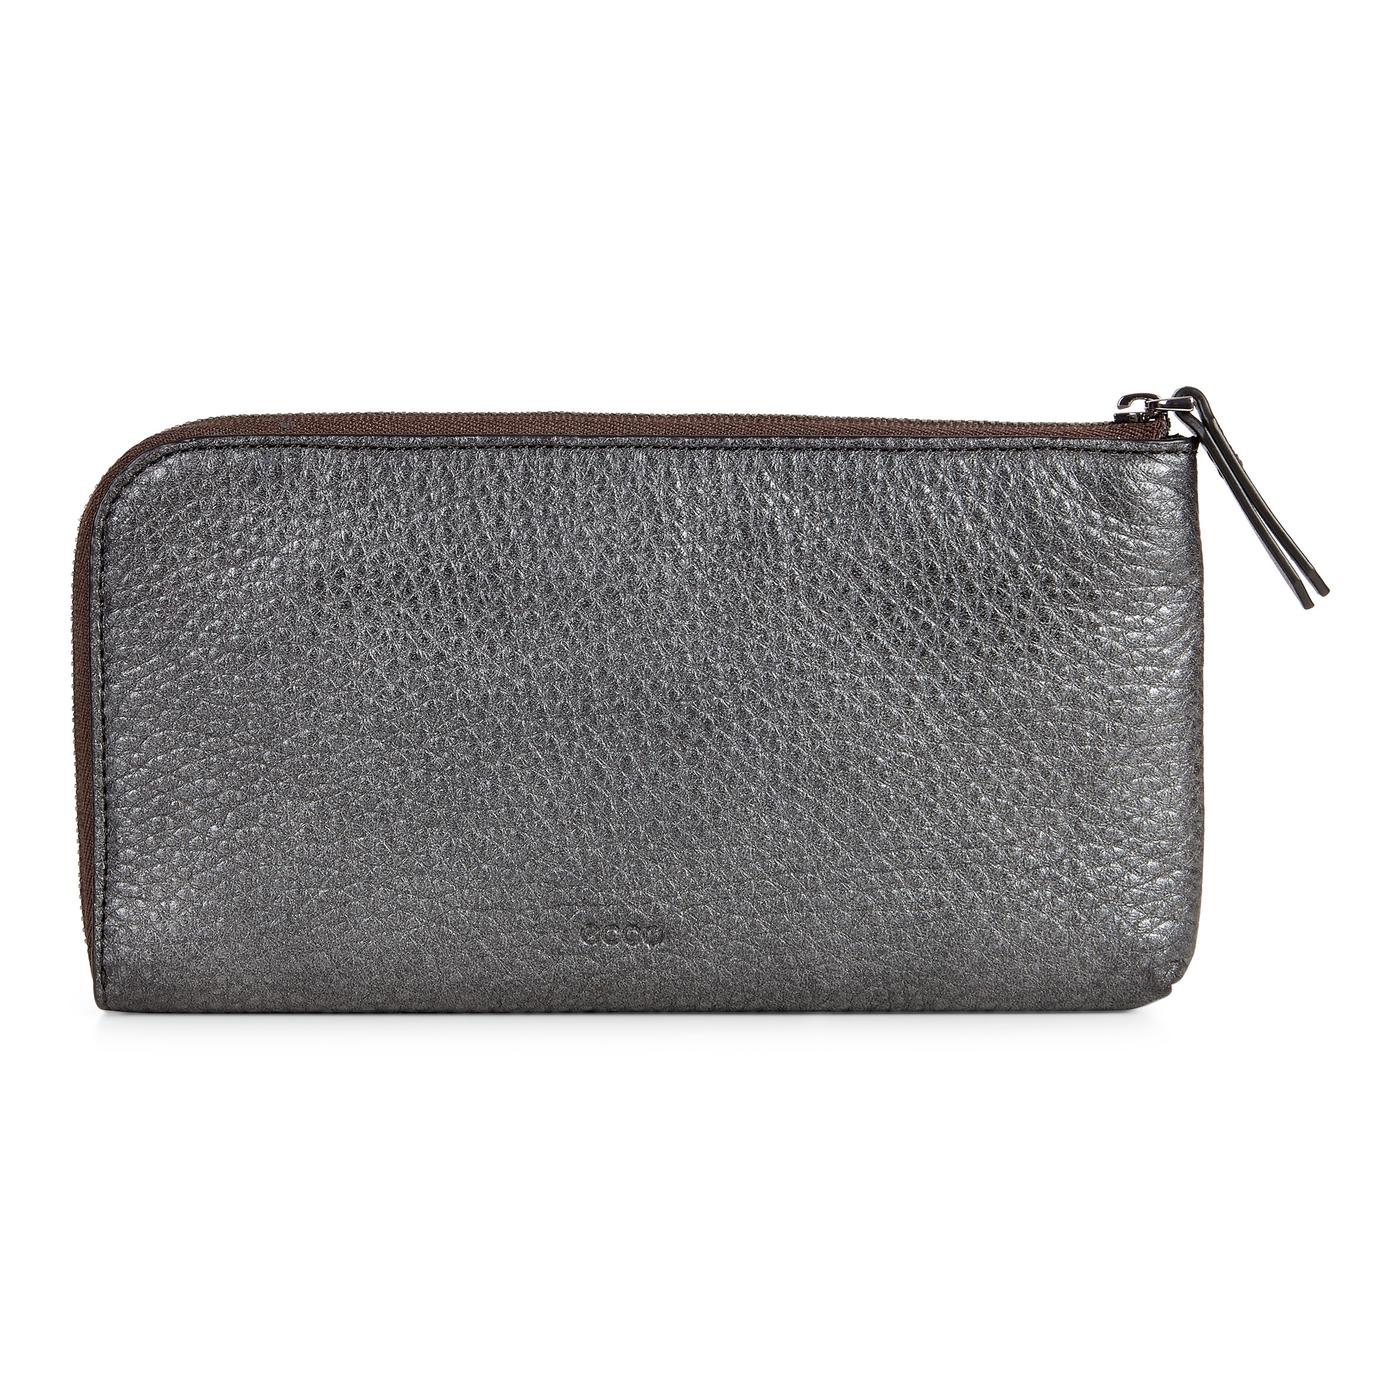 ECCO KAUAI Ikon22 Large Wallet